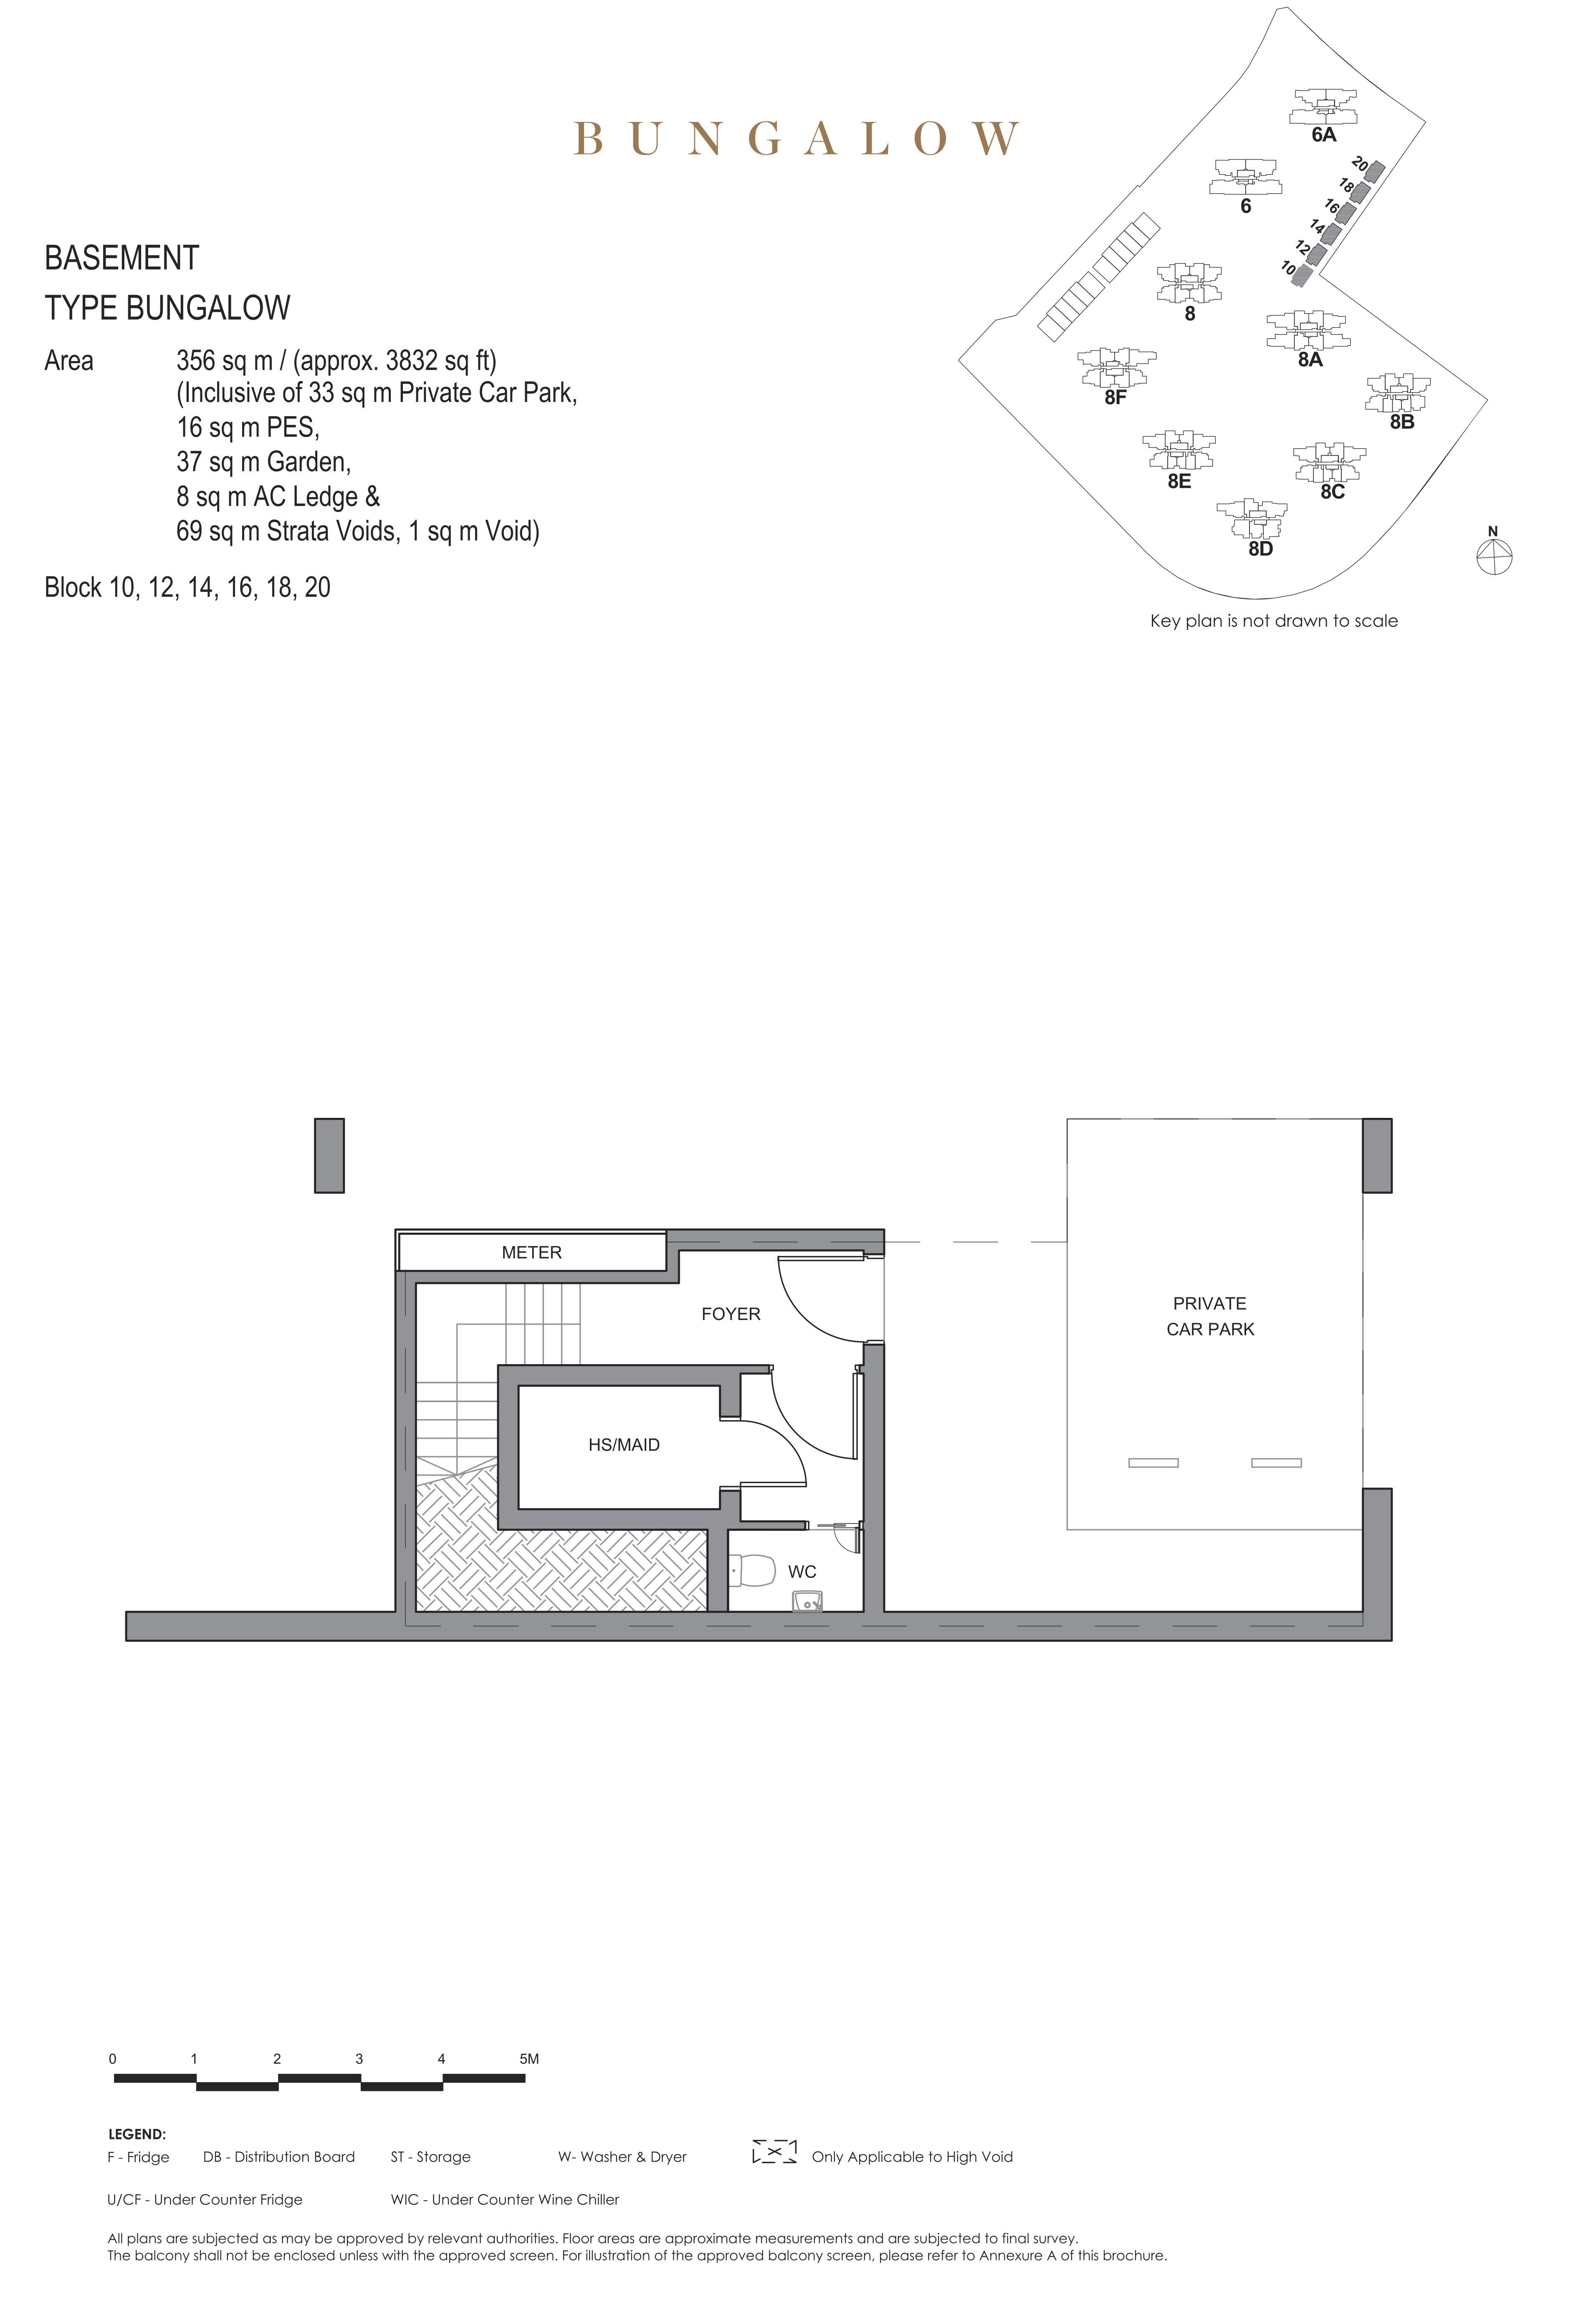 Parc Clematis 锦泰门第 masterpiece bungalow basement